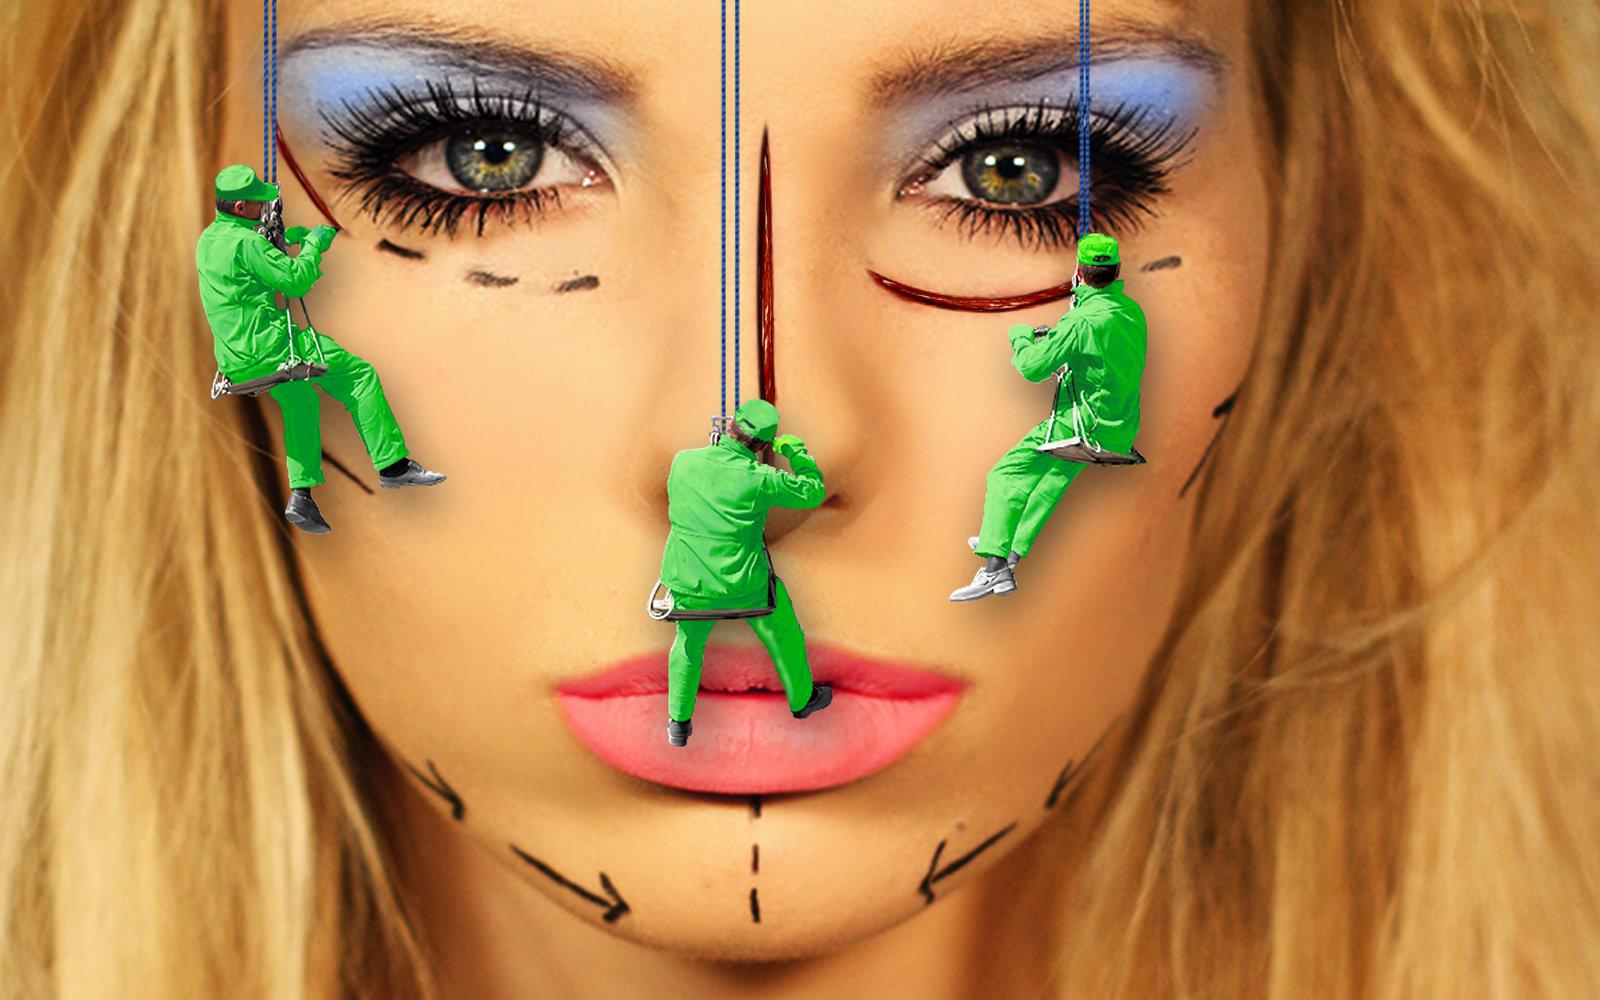 Исправьте проблемы со внешностью быстро и недорого